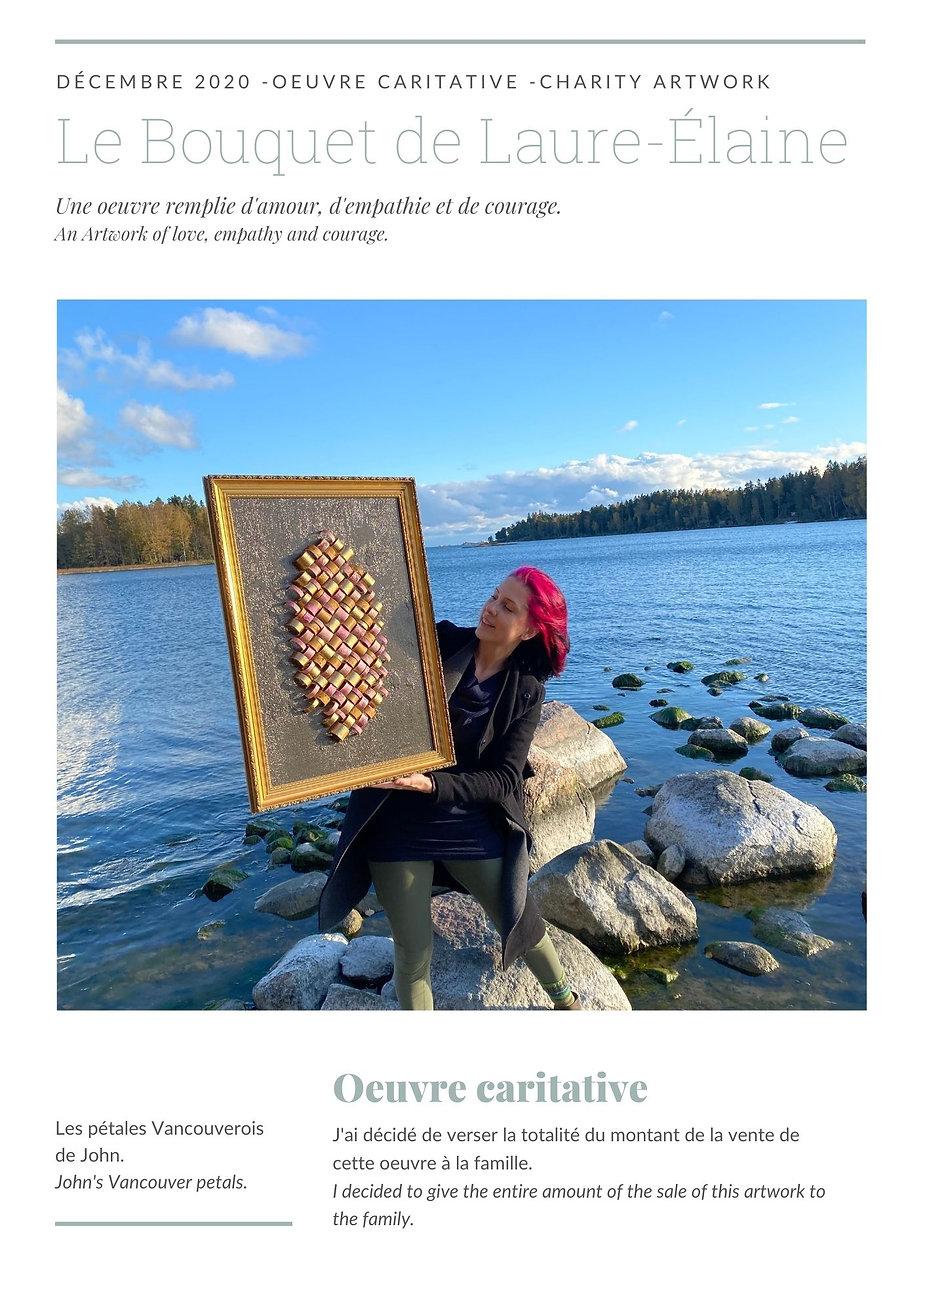 oeuvre symbolique Maria Rosa de l'artiste Mdauteuil